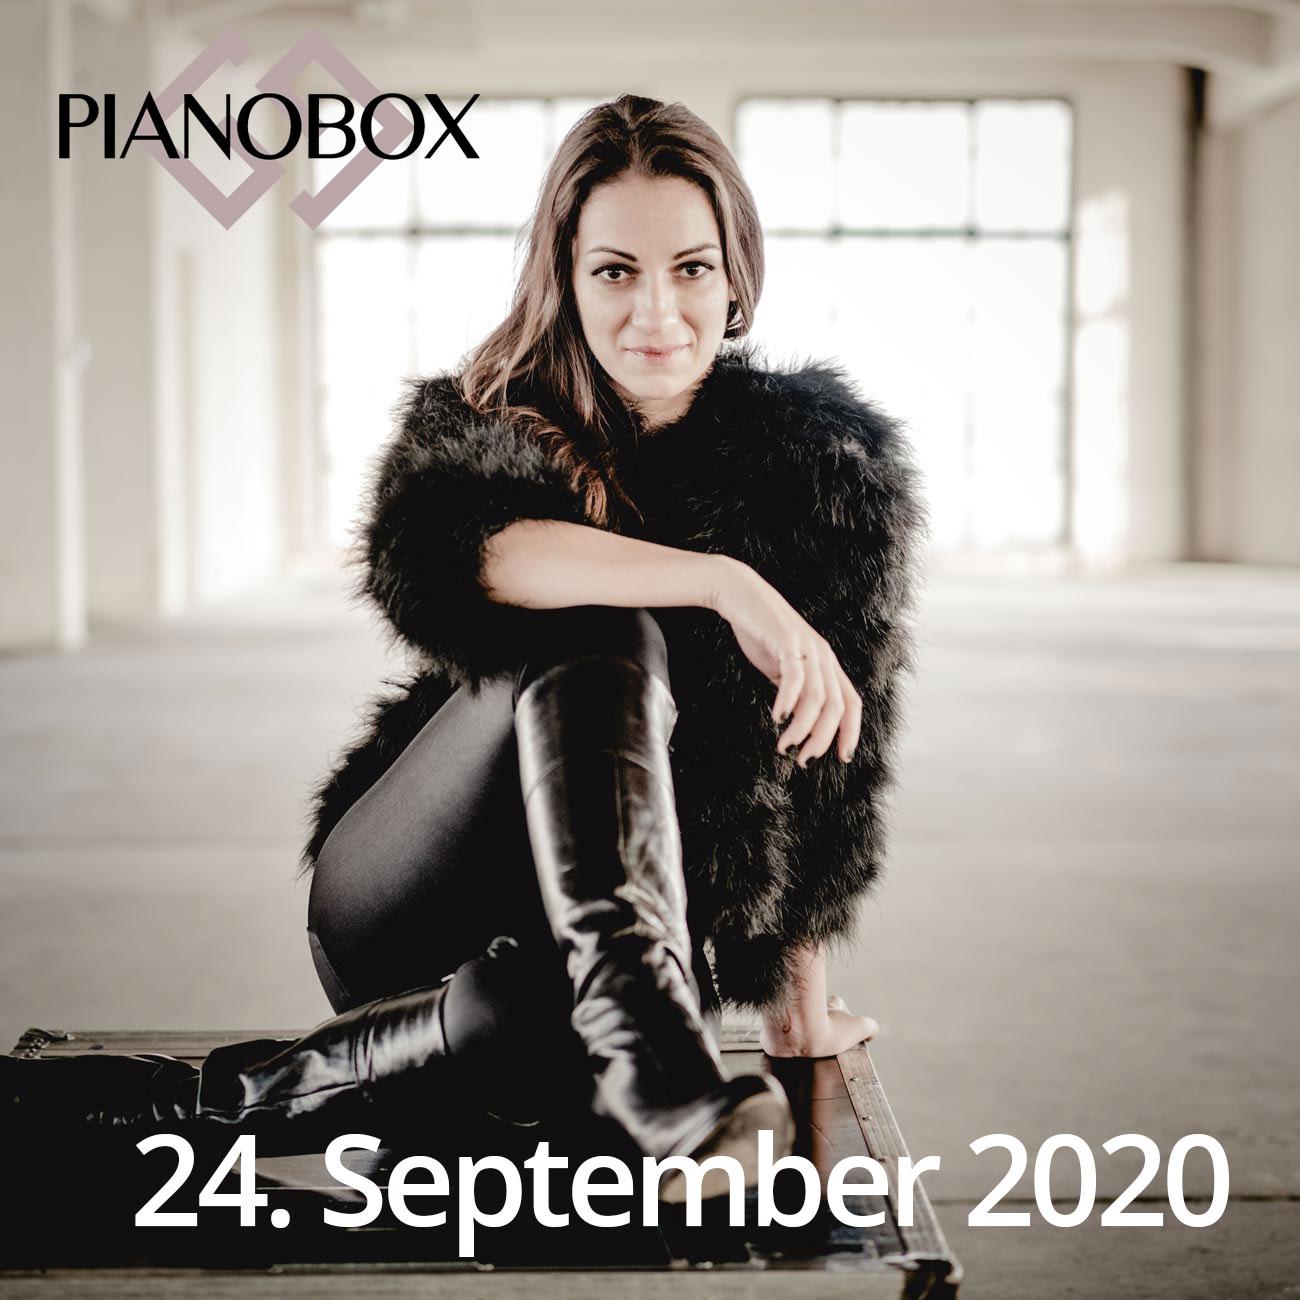 pianobox-24-9-2020